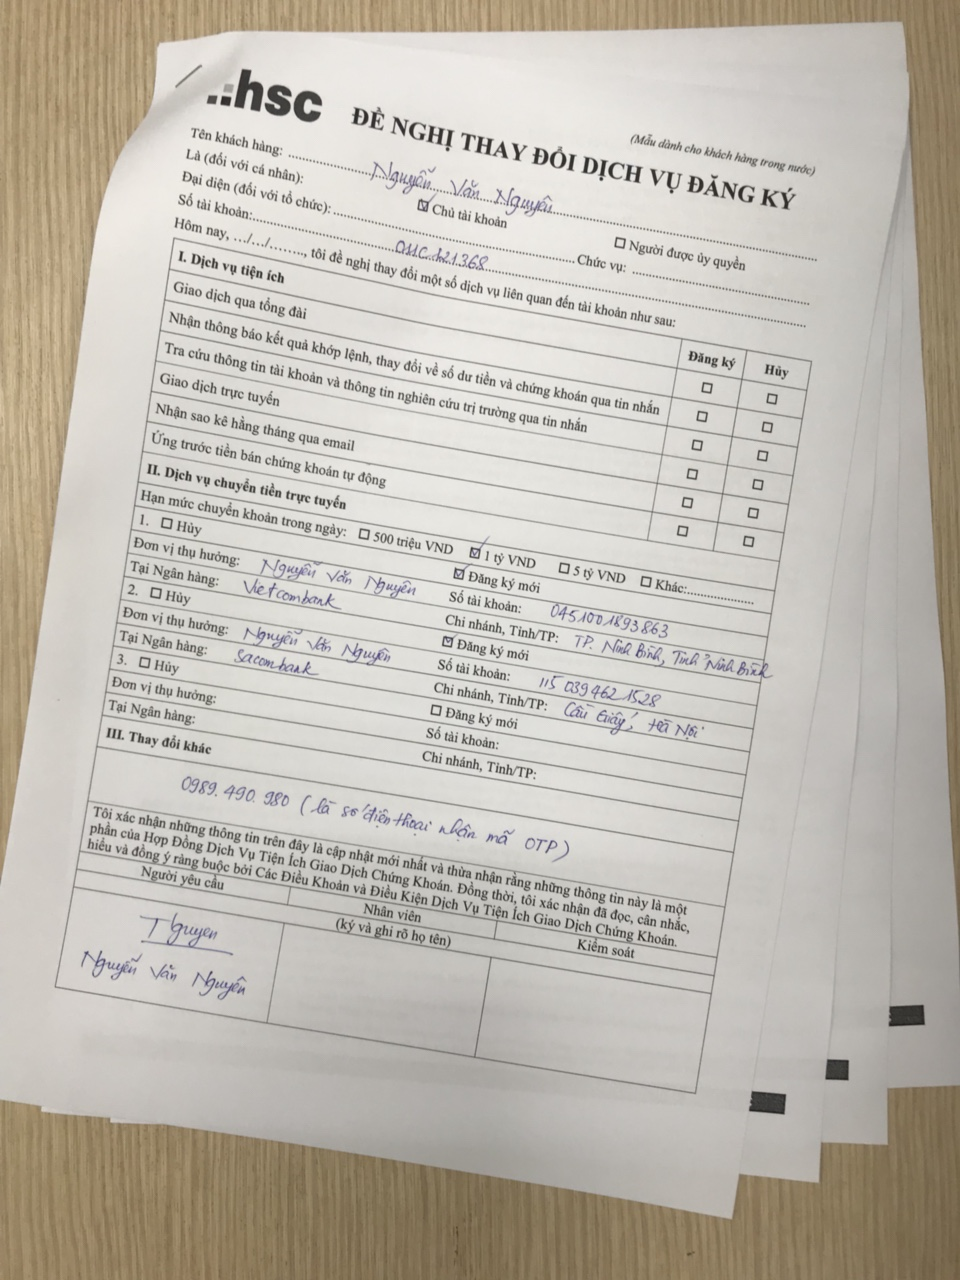 Mẫu đăng ký dịch vụ rút tiền online tại HSC